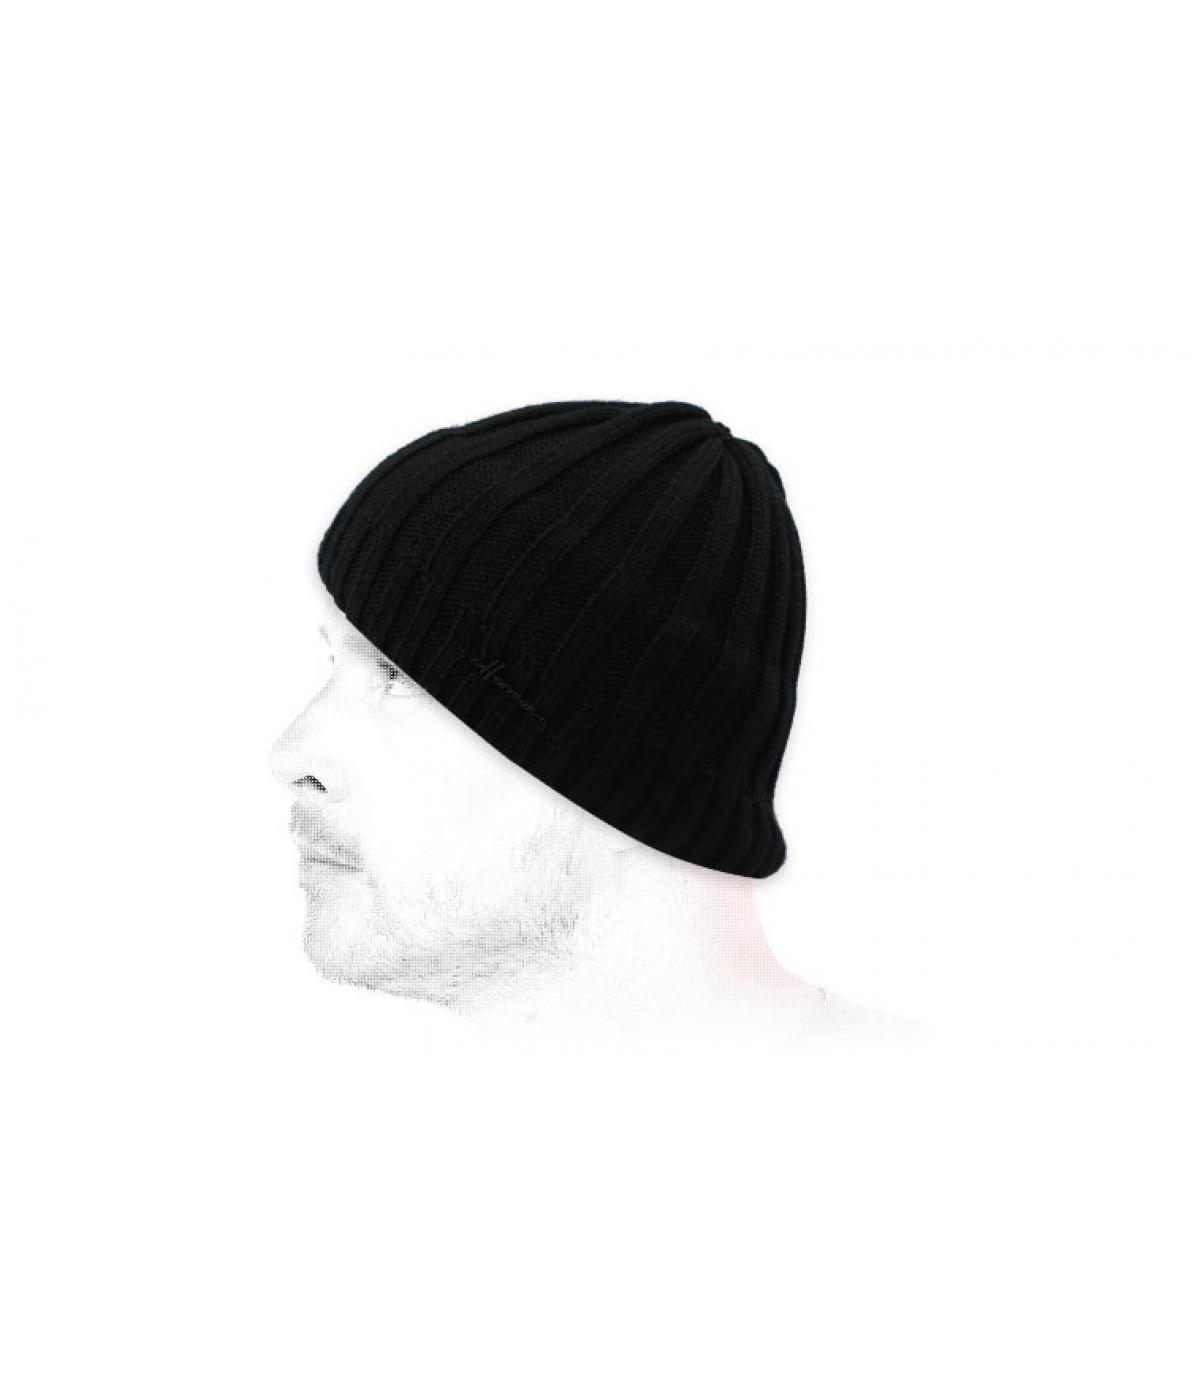 cappello corto nero